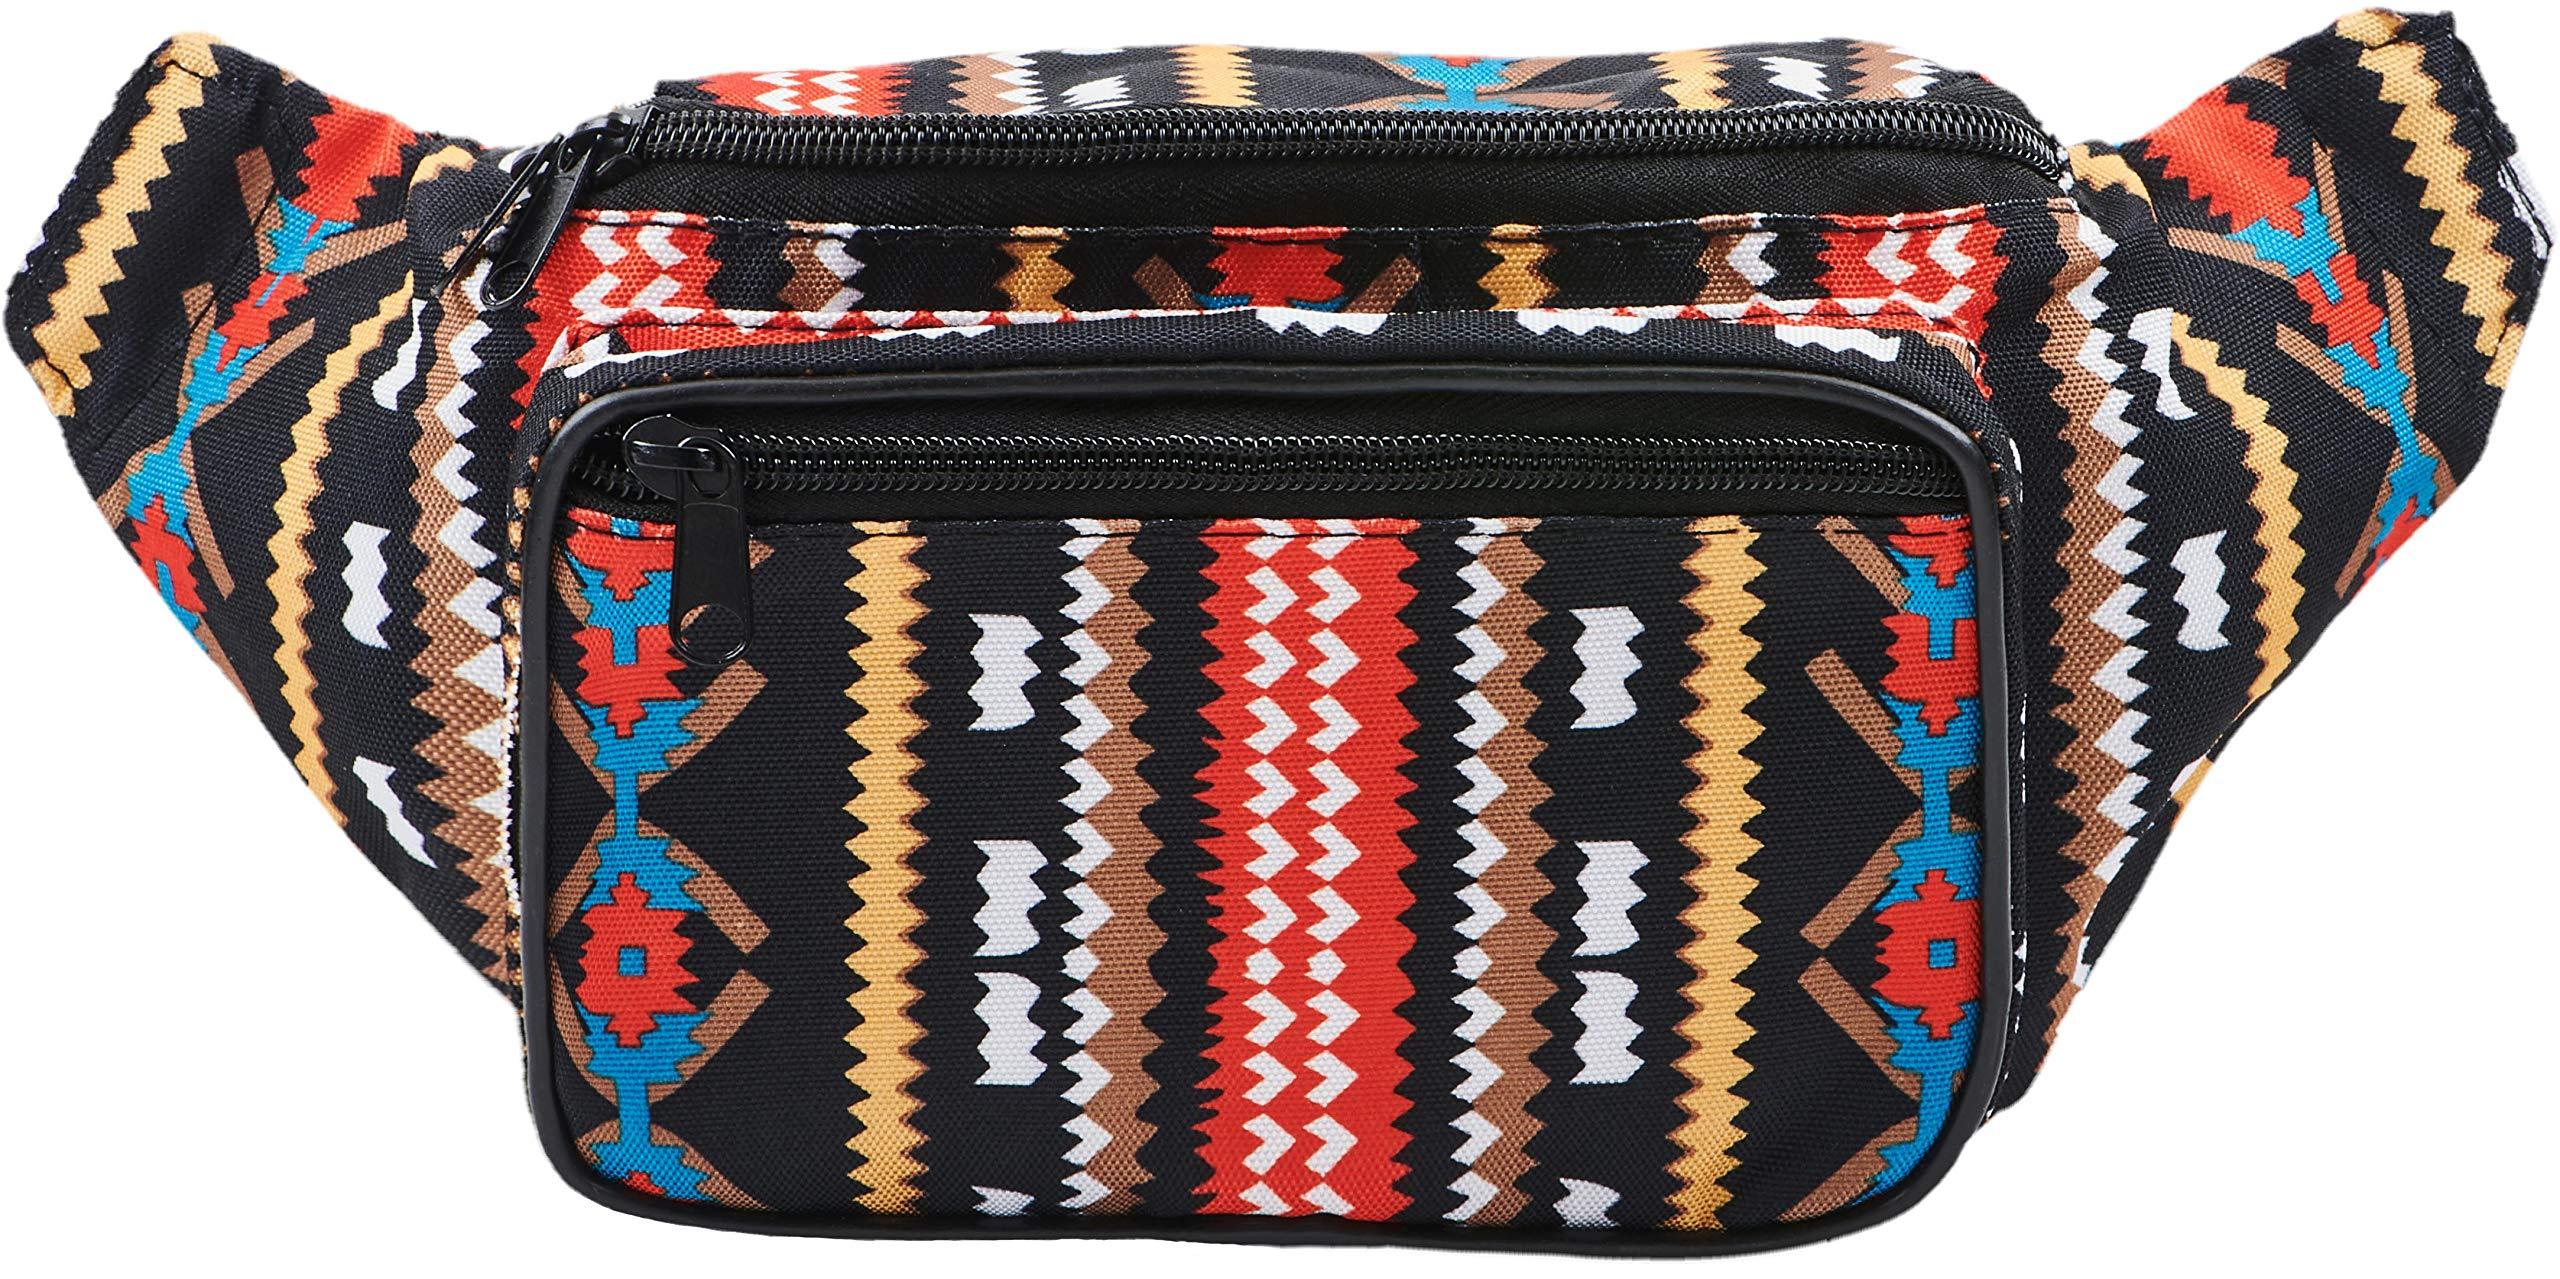 SoJourner Aztec Fanny Pack - Boho Festival Packs for men, women | Cute Waist Bag Fashion Belt Bags (black)